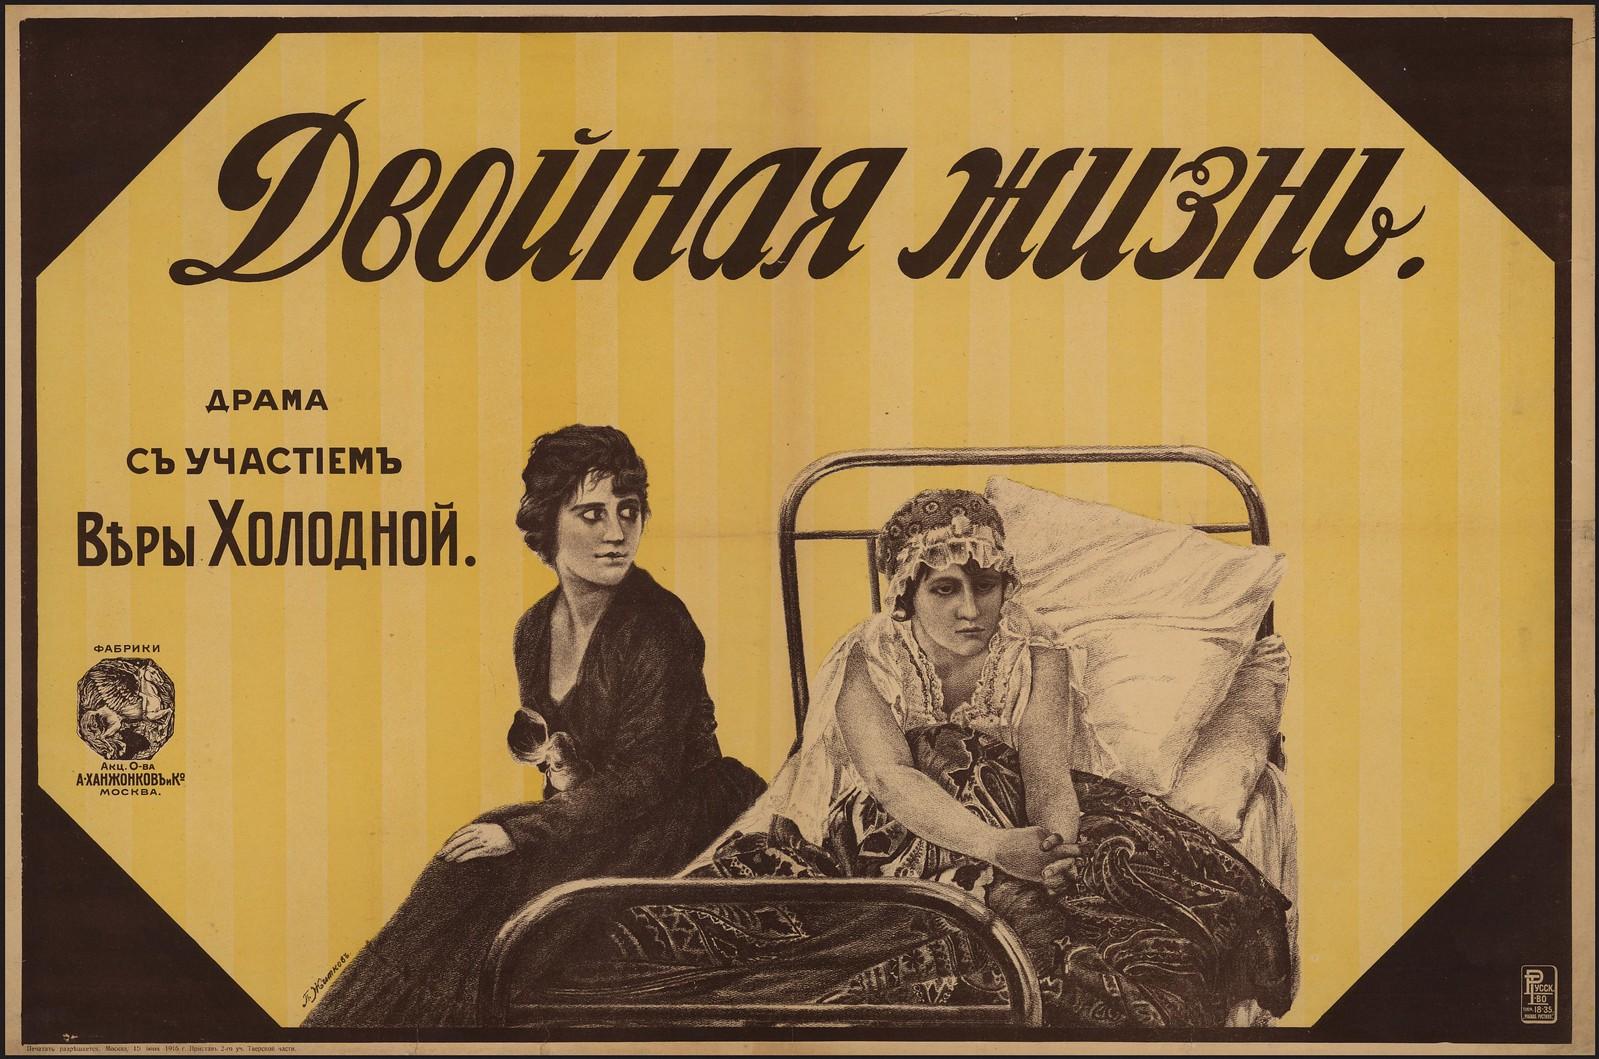 1916. «Двойная жизнь». Драма с участием Веры Холодной